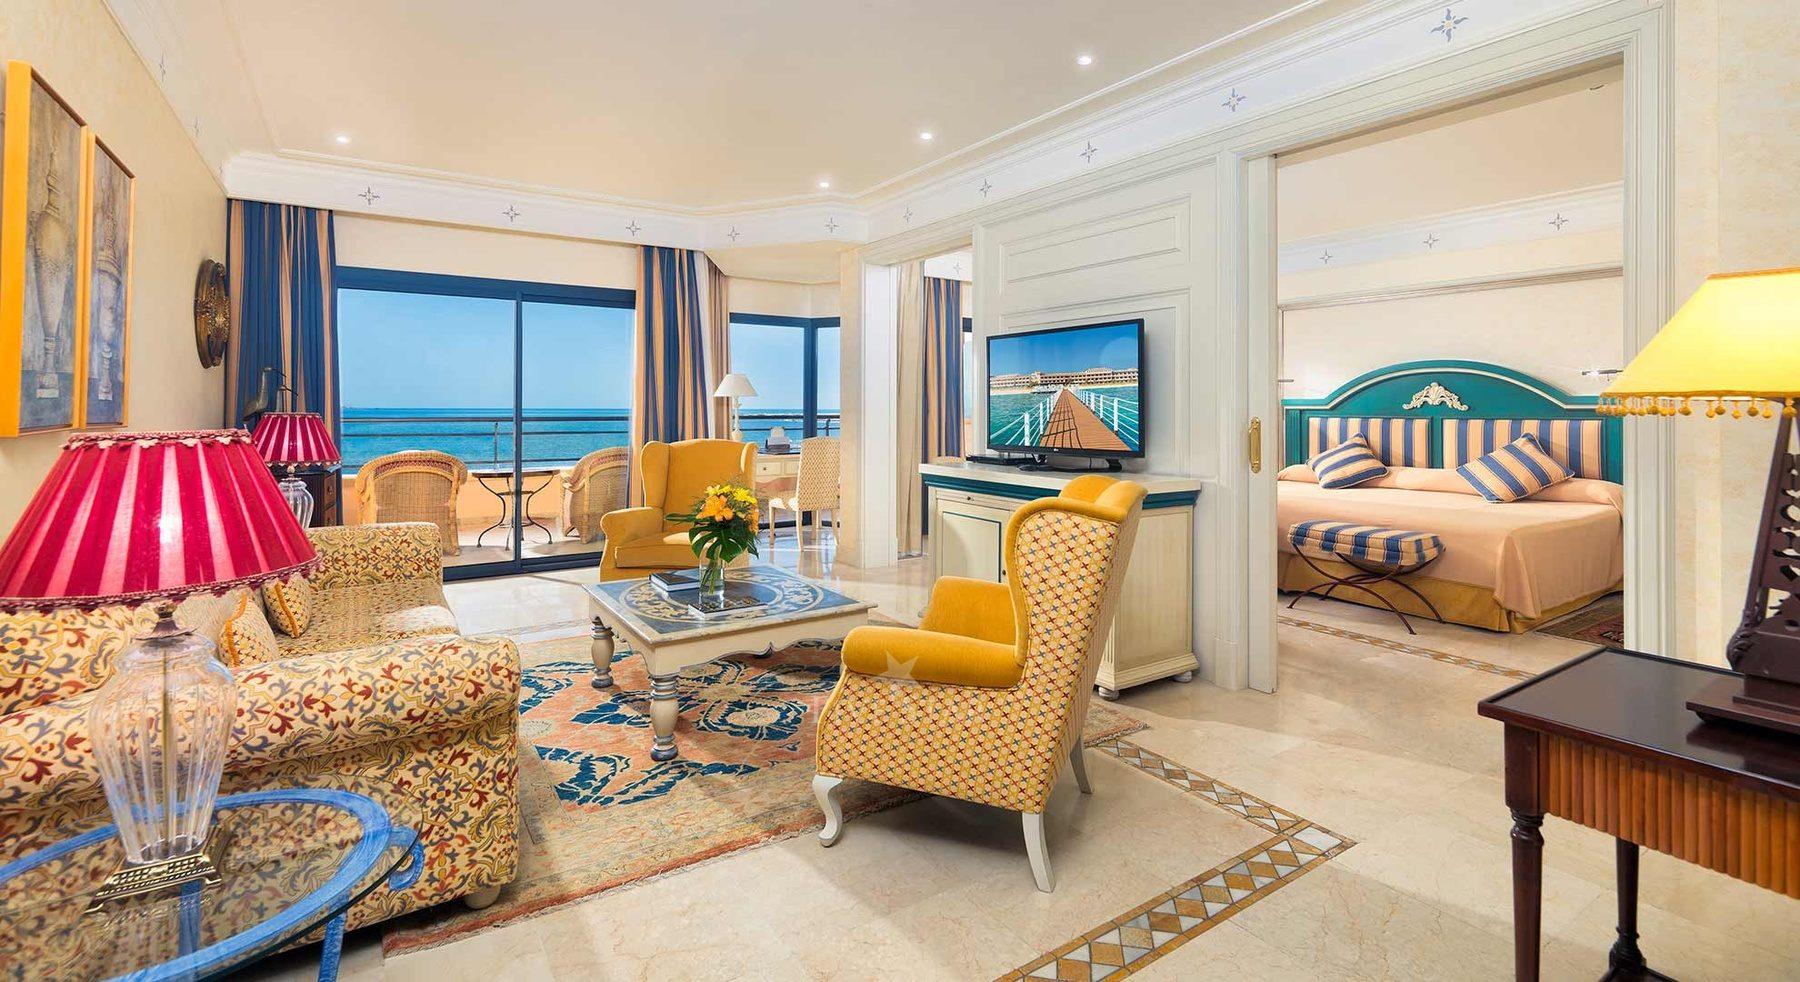 Gran Hotel Atlantis Bahia Real photo 20